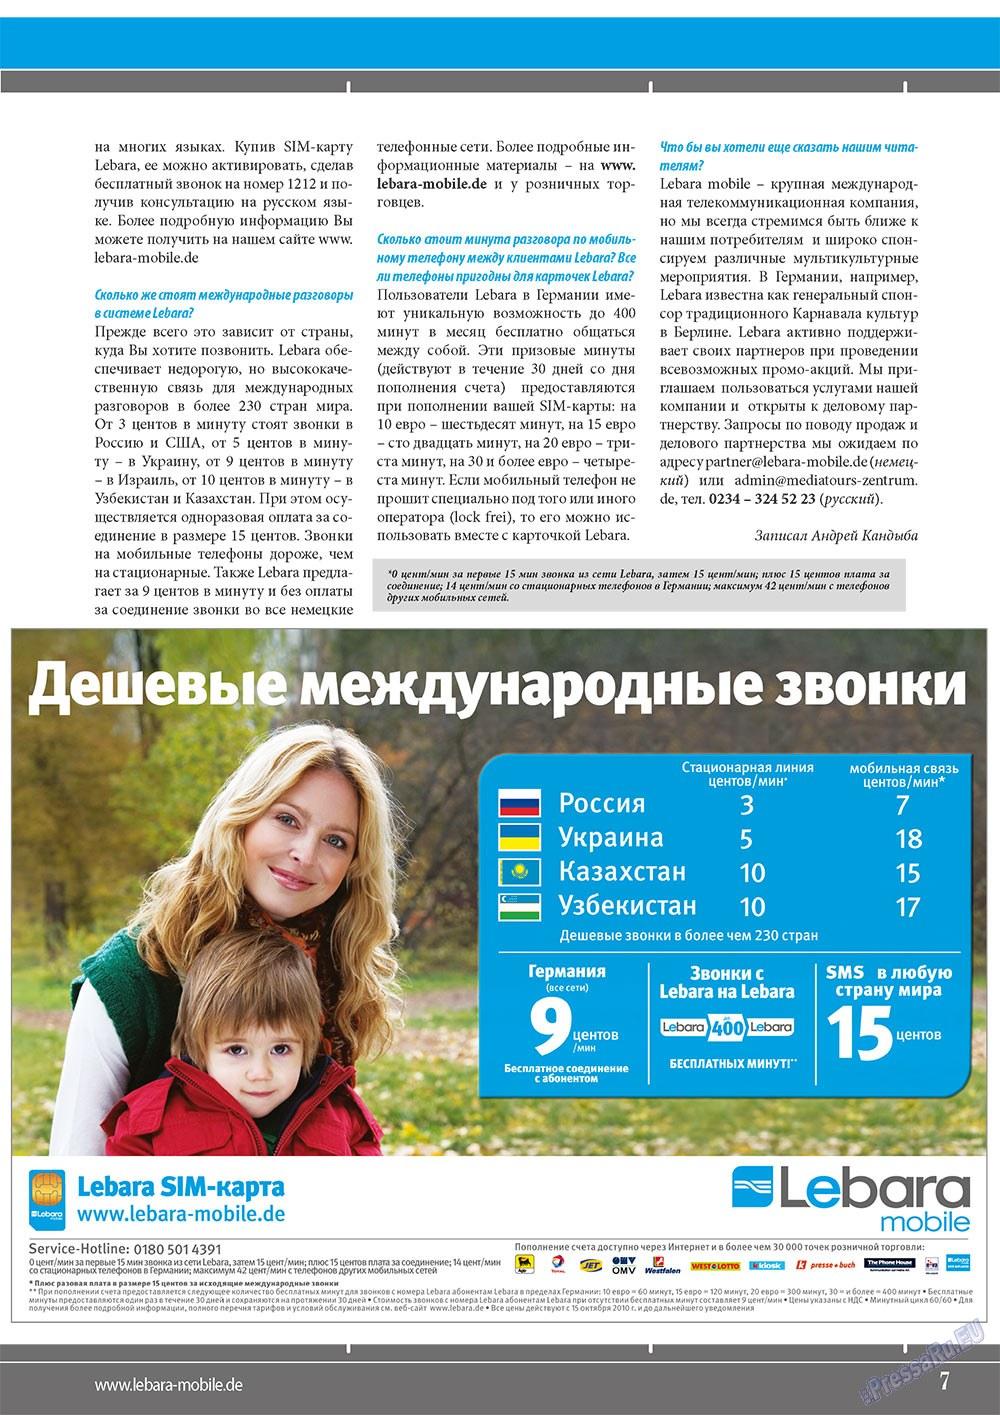 Мир отдыха и здоровья (журнал). 2011 год, номер 1, стр. 7